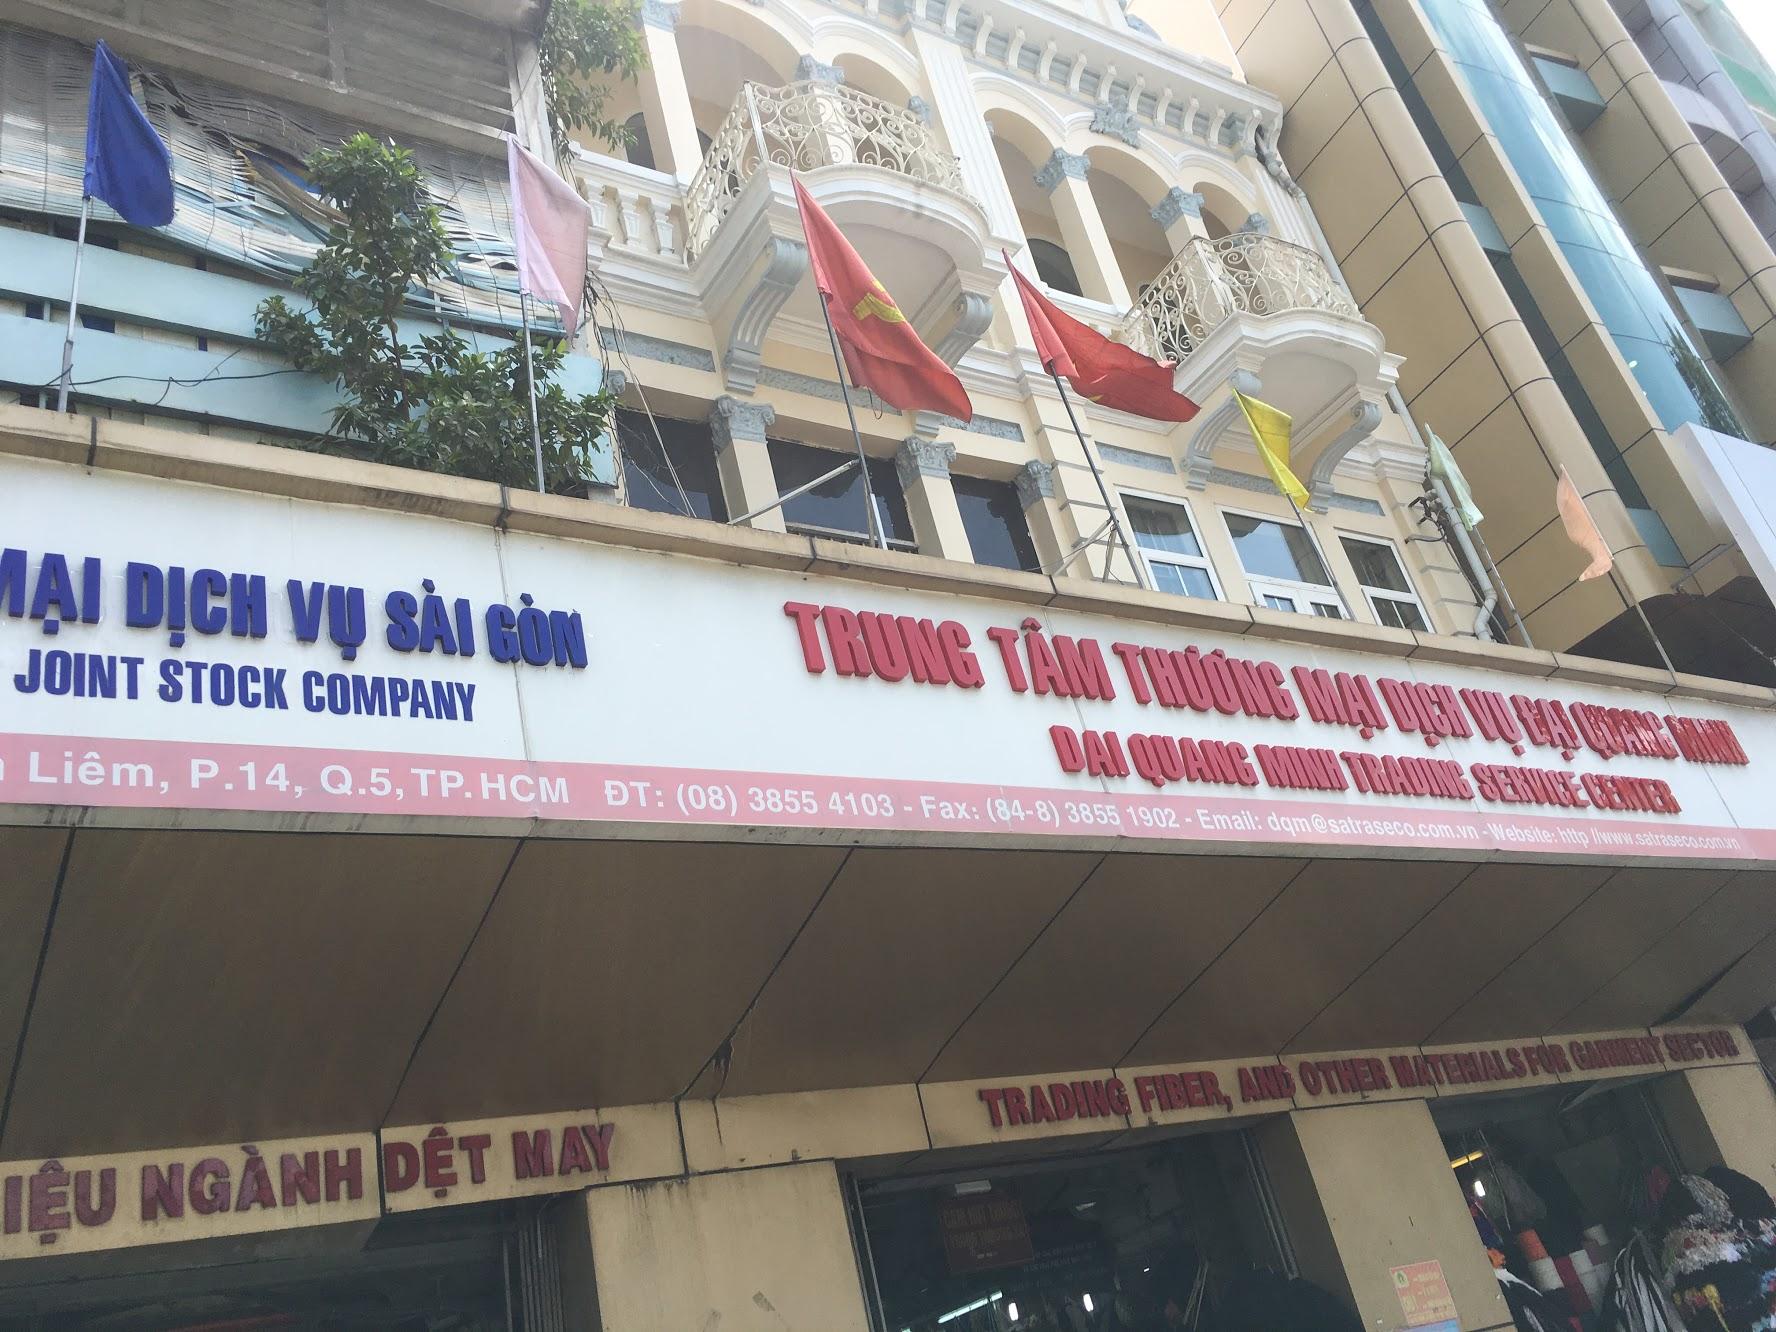 Mua phụ liệu handmade tại chợ Đại Quang Minh